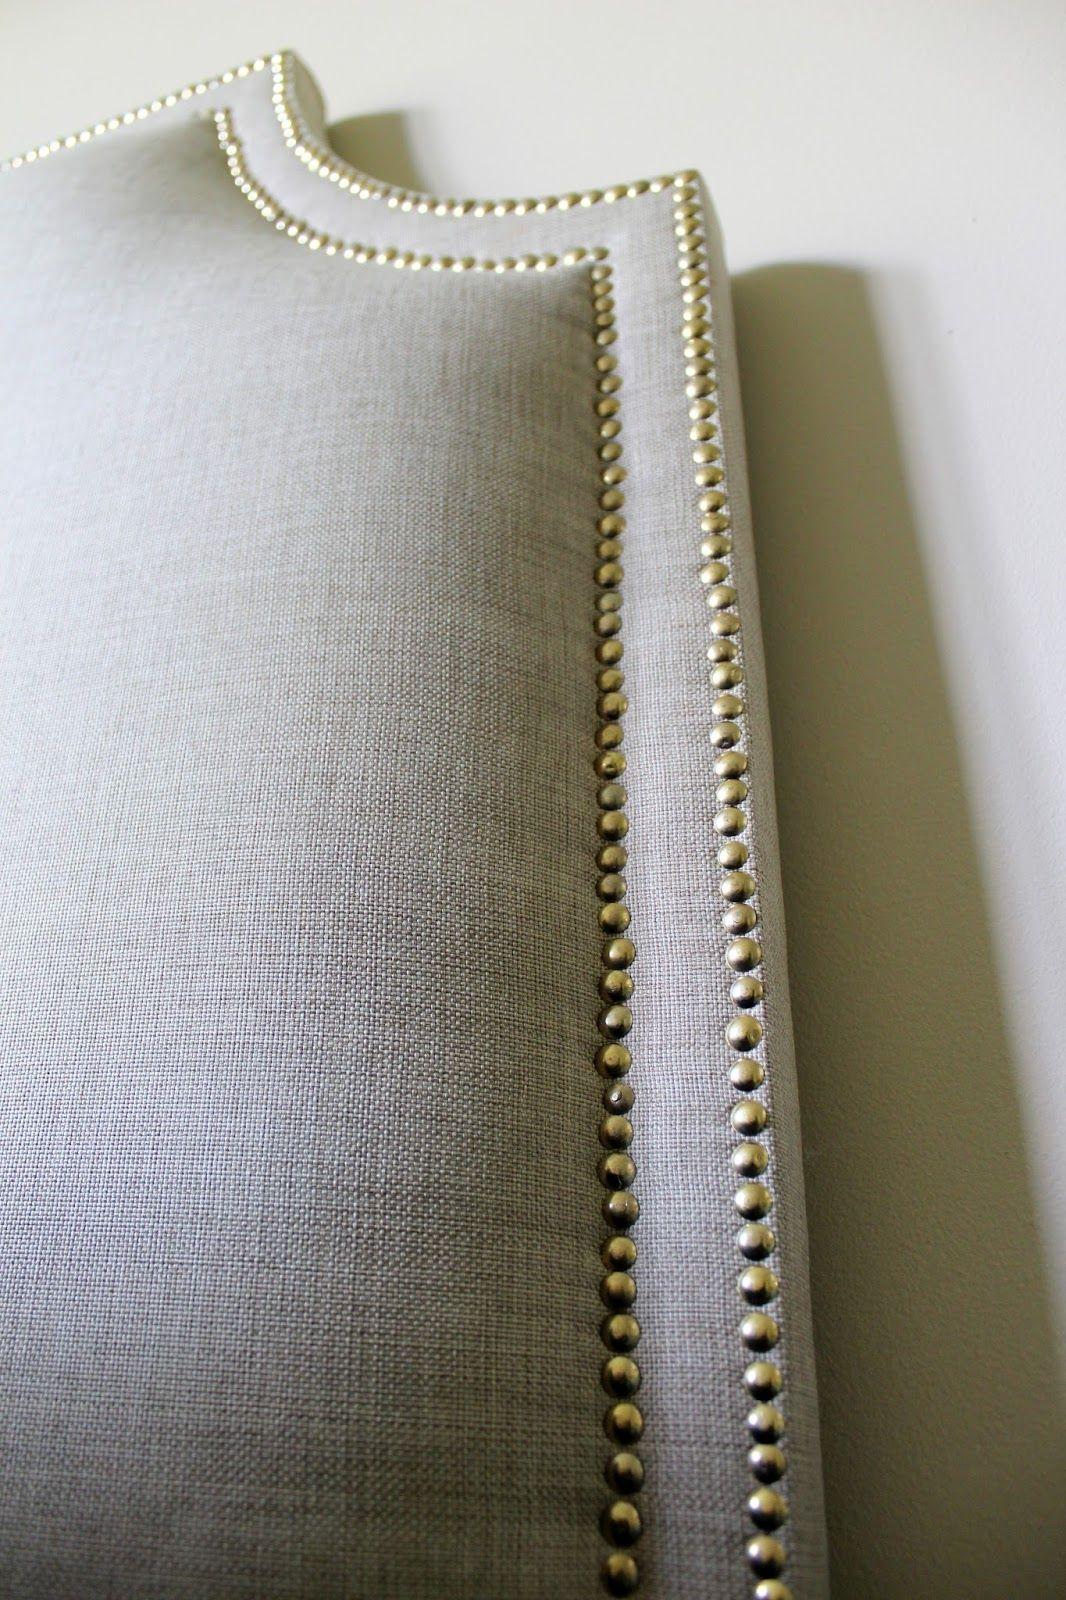 Pin By Fariya Ahad On Woodworking Diy Headboard Upholstered